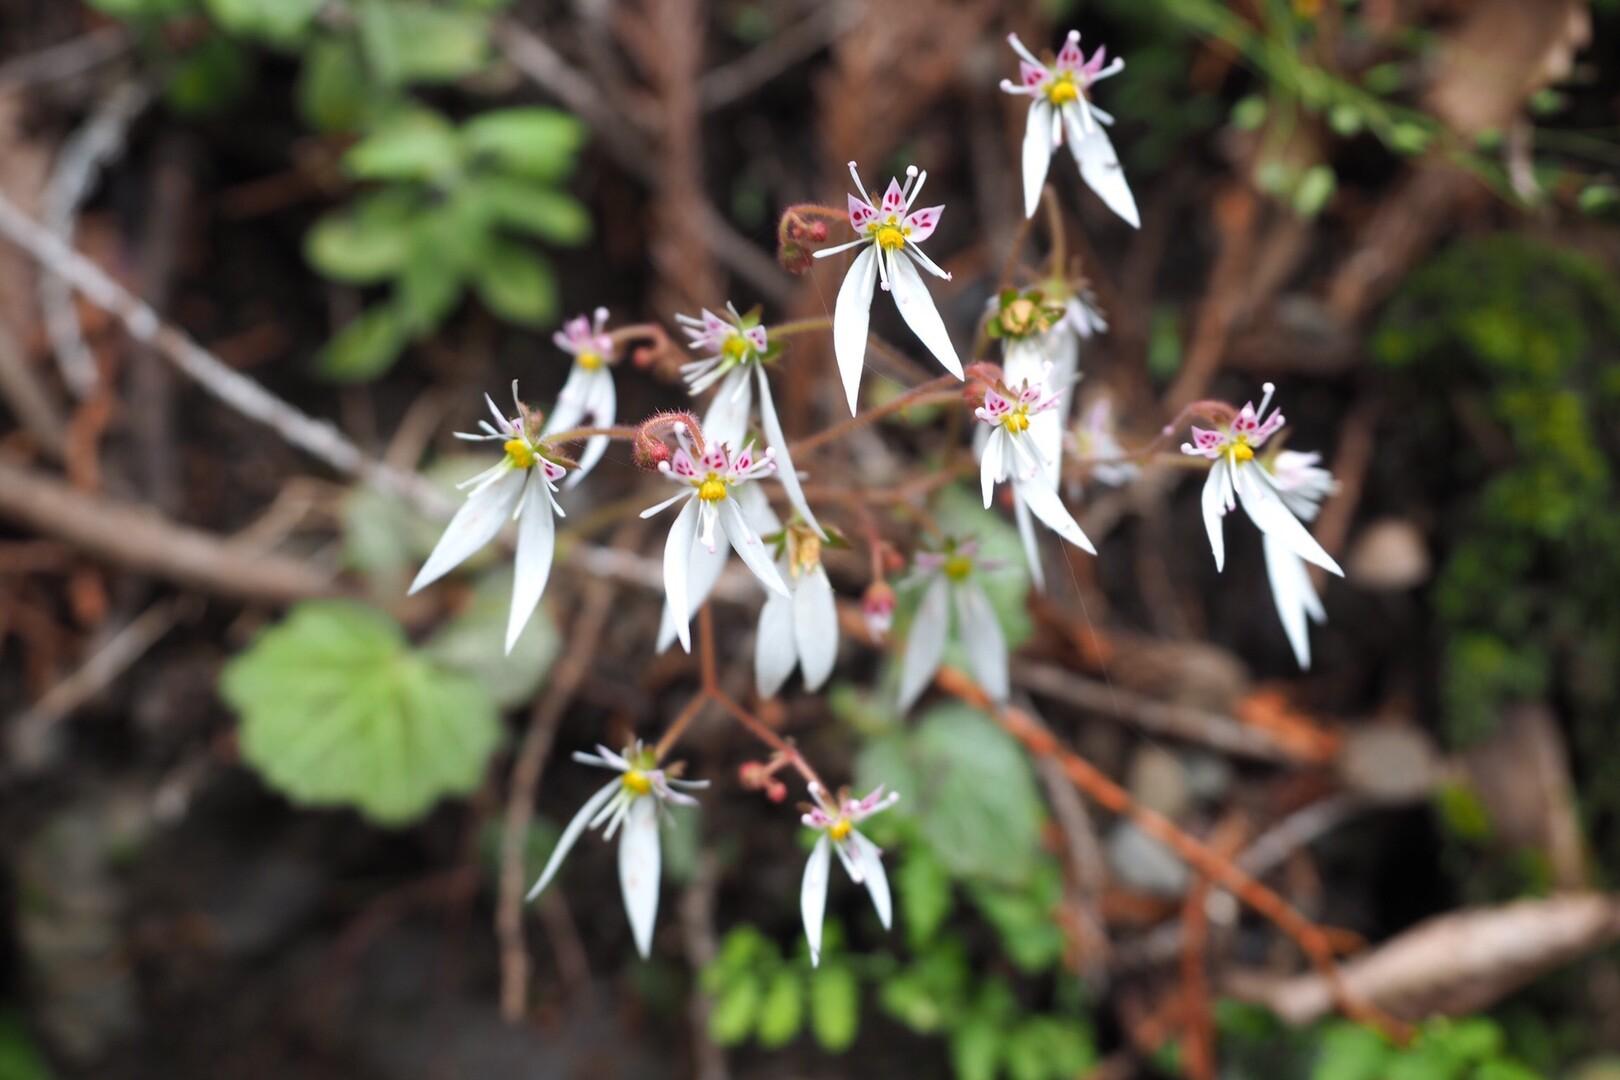 ユキノシタ!<br> やっぱり可愛い。<br> <br> この綺麗な花を紹介する。<br> 部「これ、なんだかわかります?」<br> <br> も「葉っぱじゃない?」<br> <br> 🙄